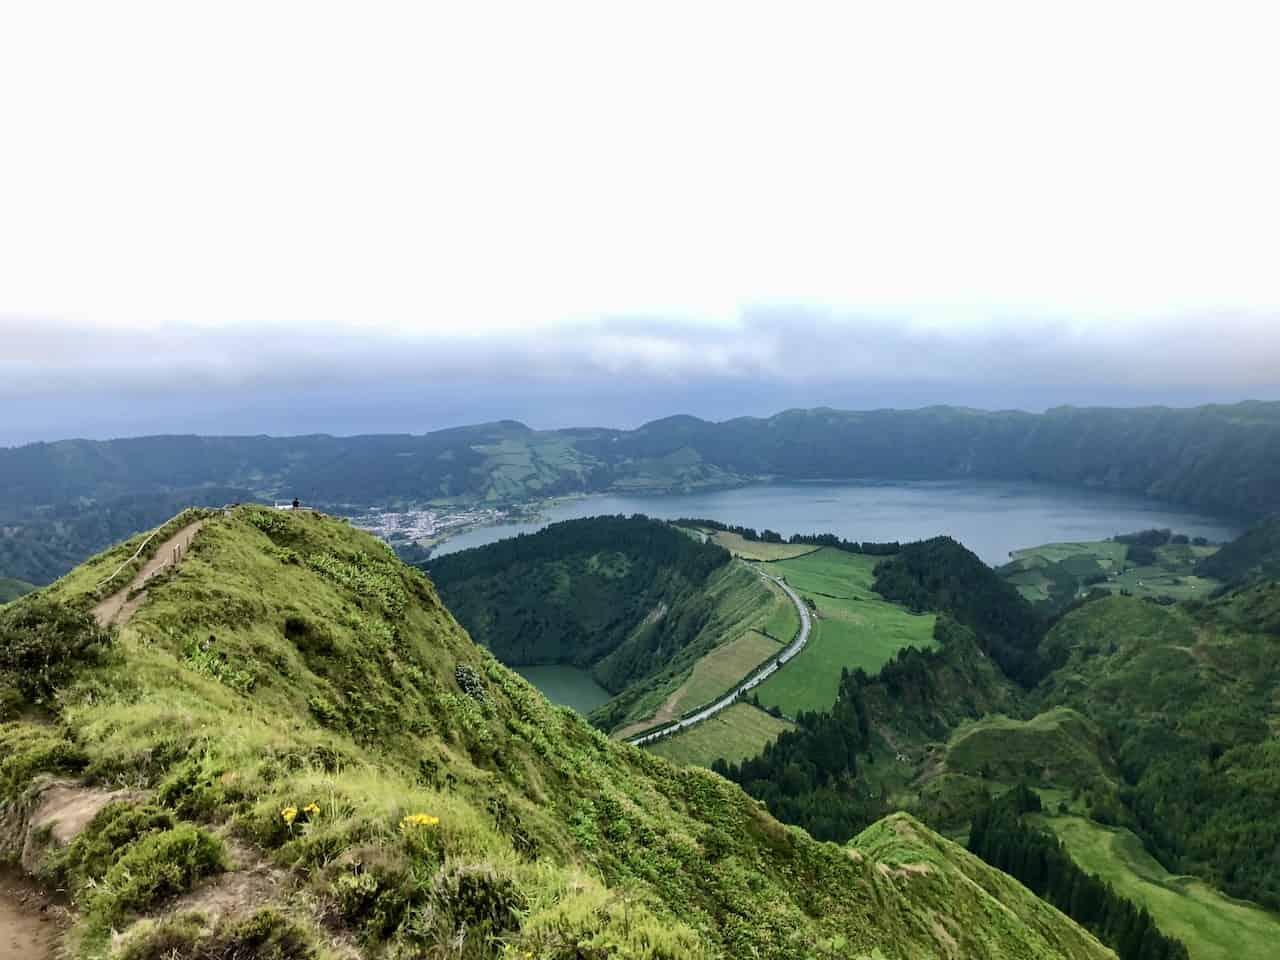 Miradouro da Boca do Inferno Sao Miguel Azores